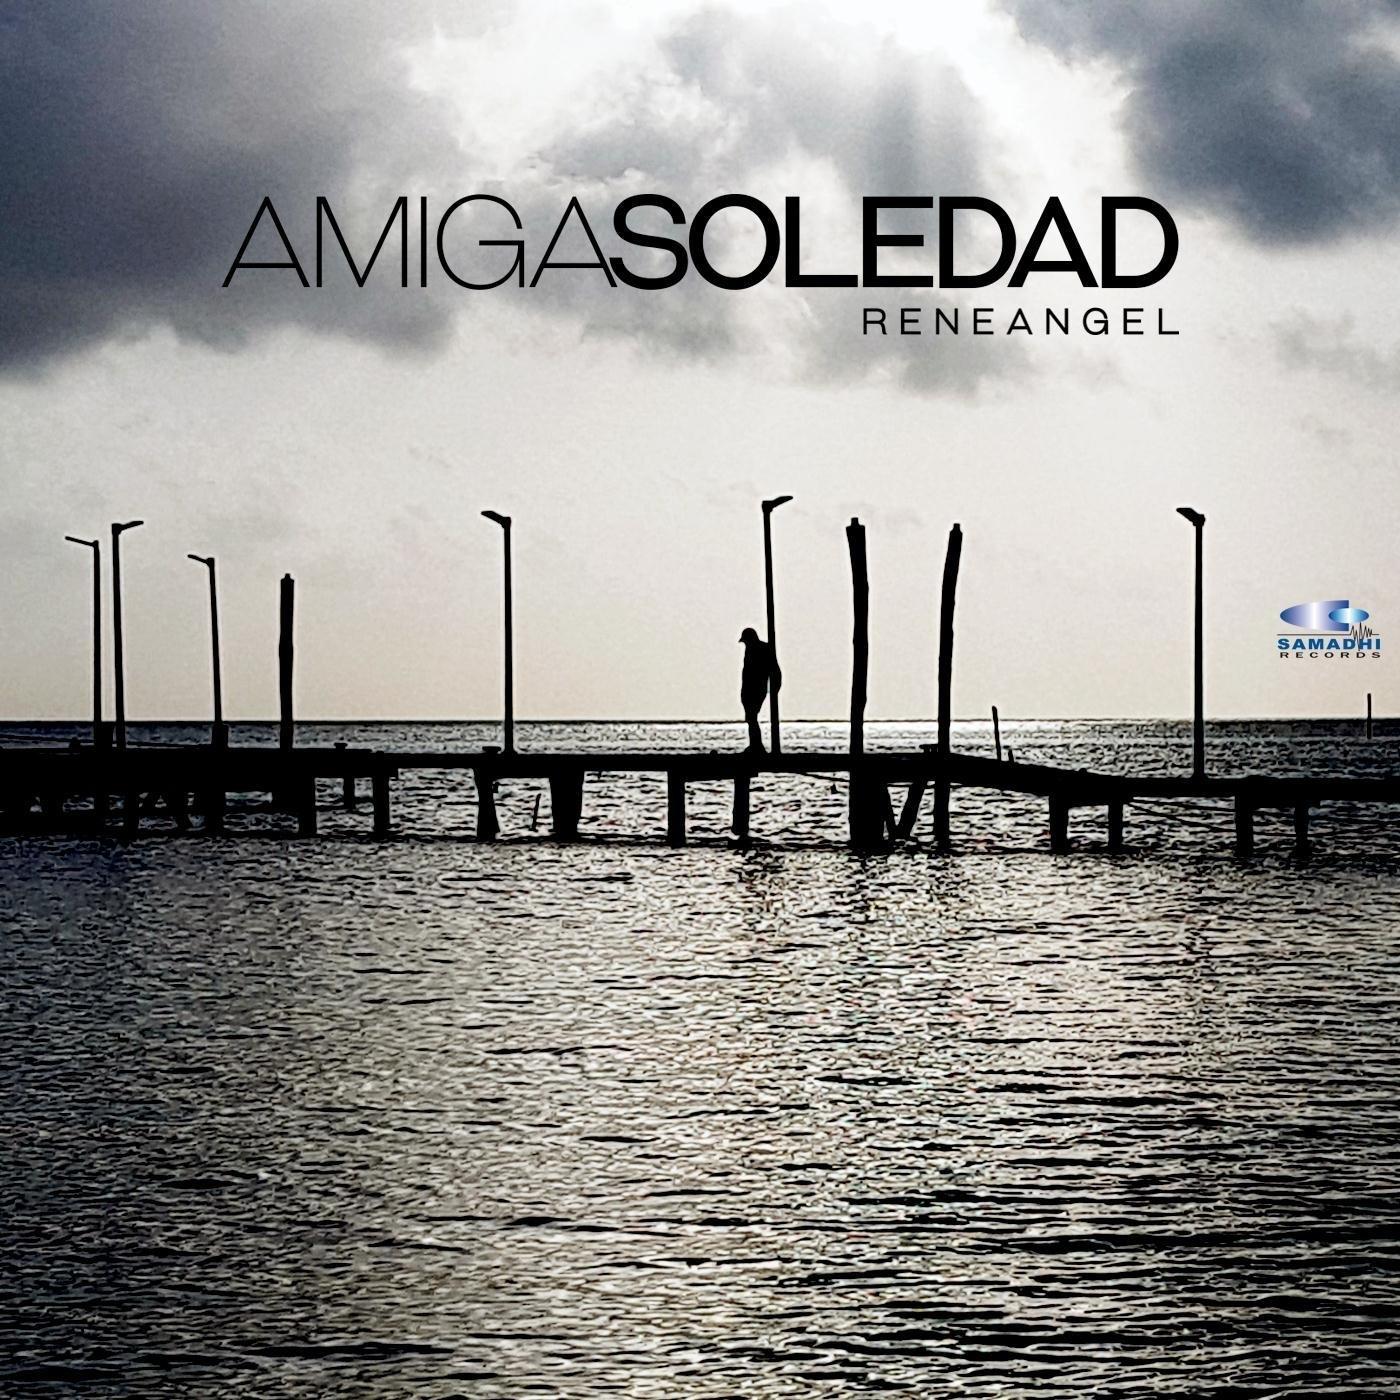 Amiga Soledad - Single